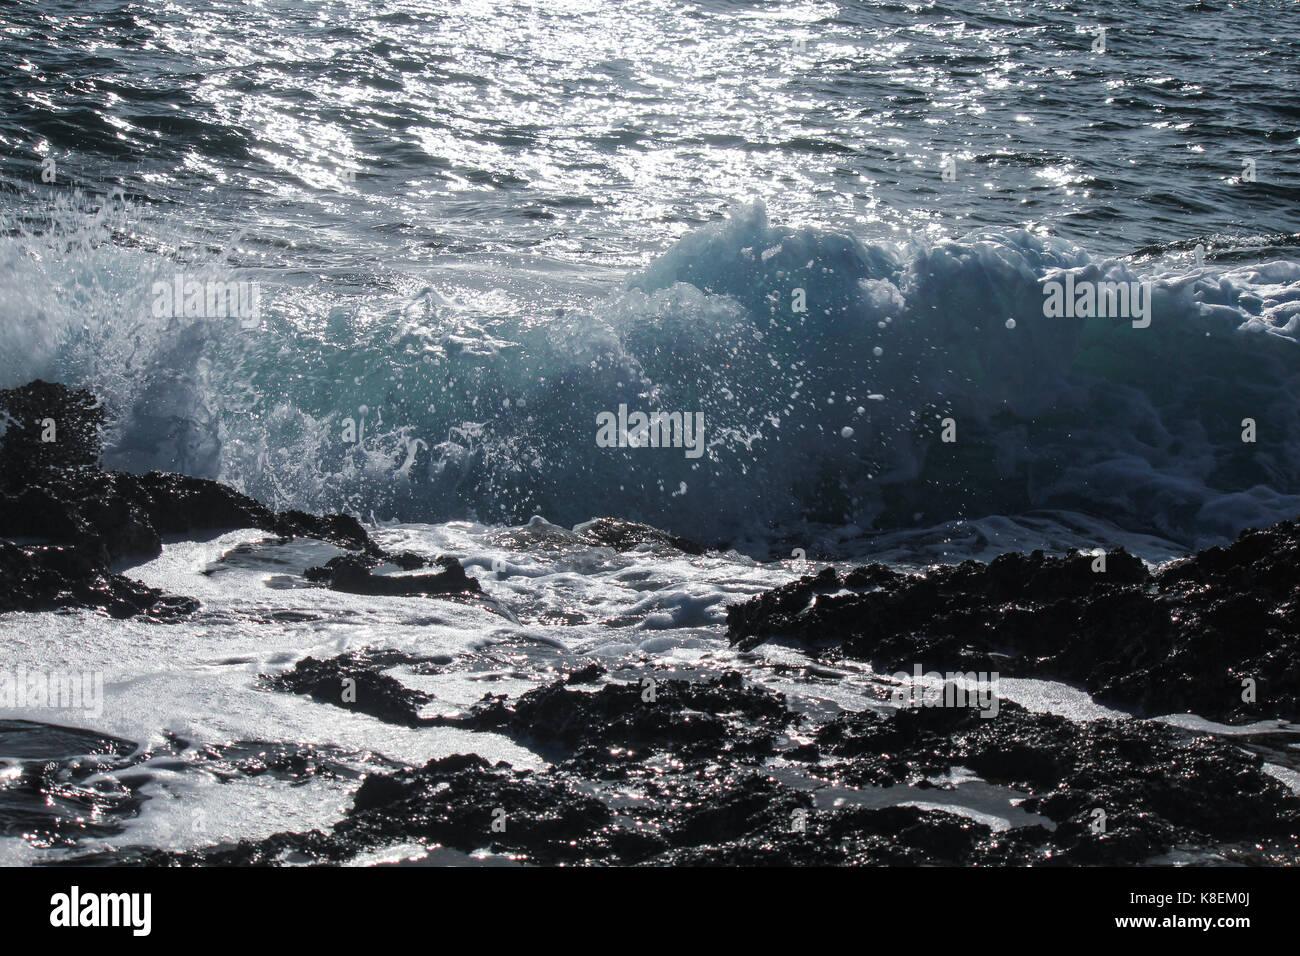 waves rushing - Stock Image